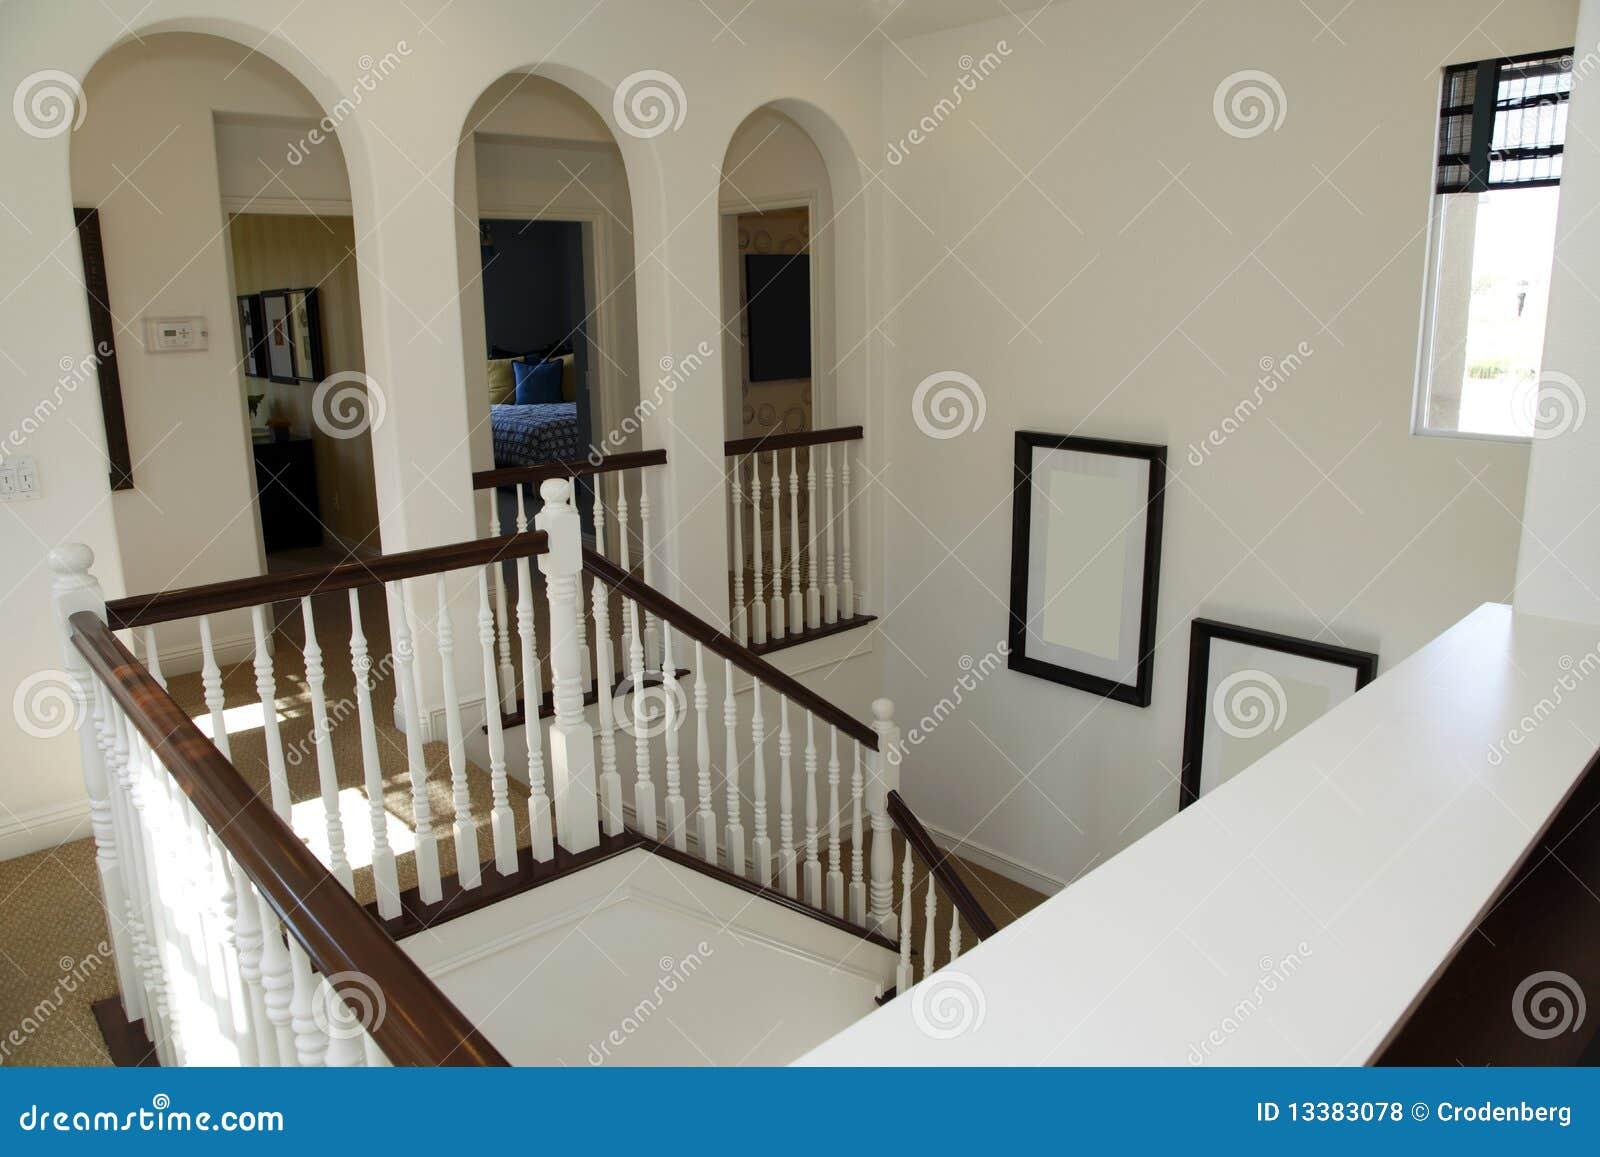 De trap van het herenhuis royalty vrije stock foto 39 s afbeelding 13383078 - Gang met trap ...